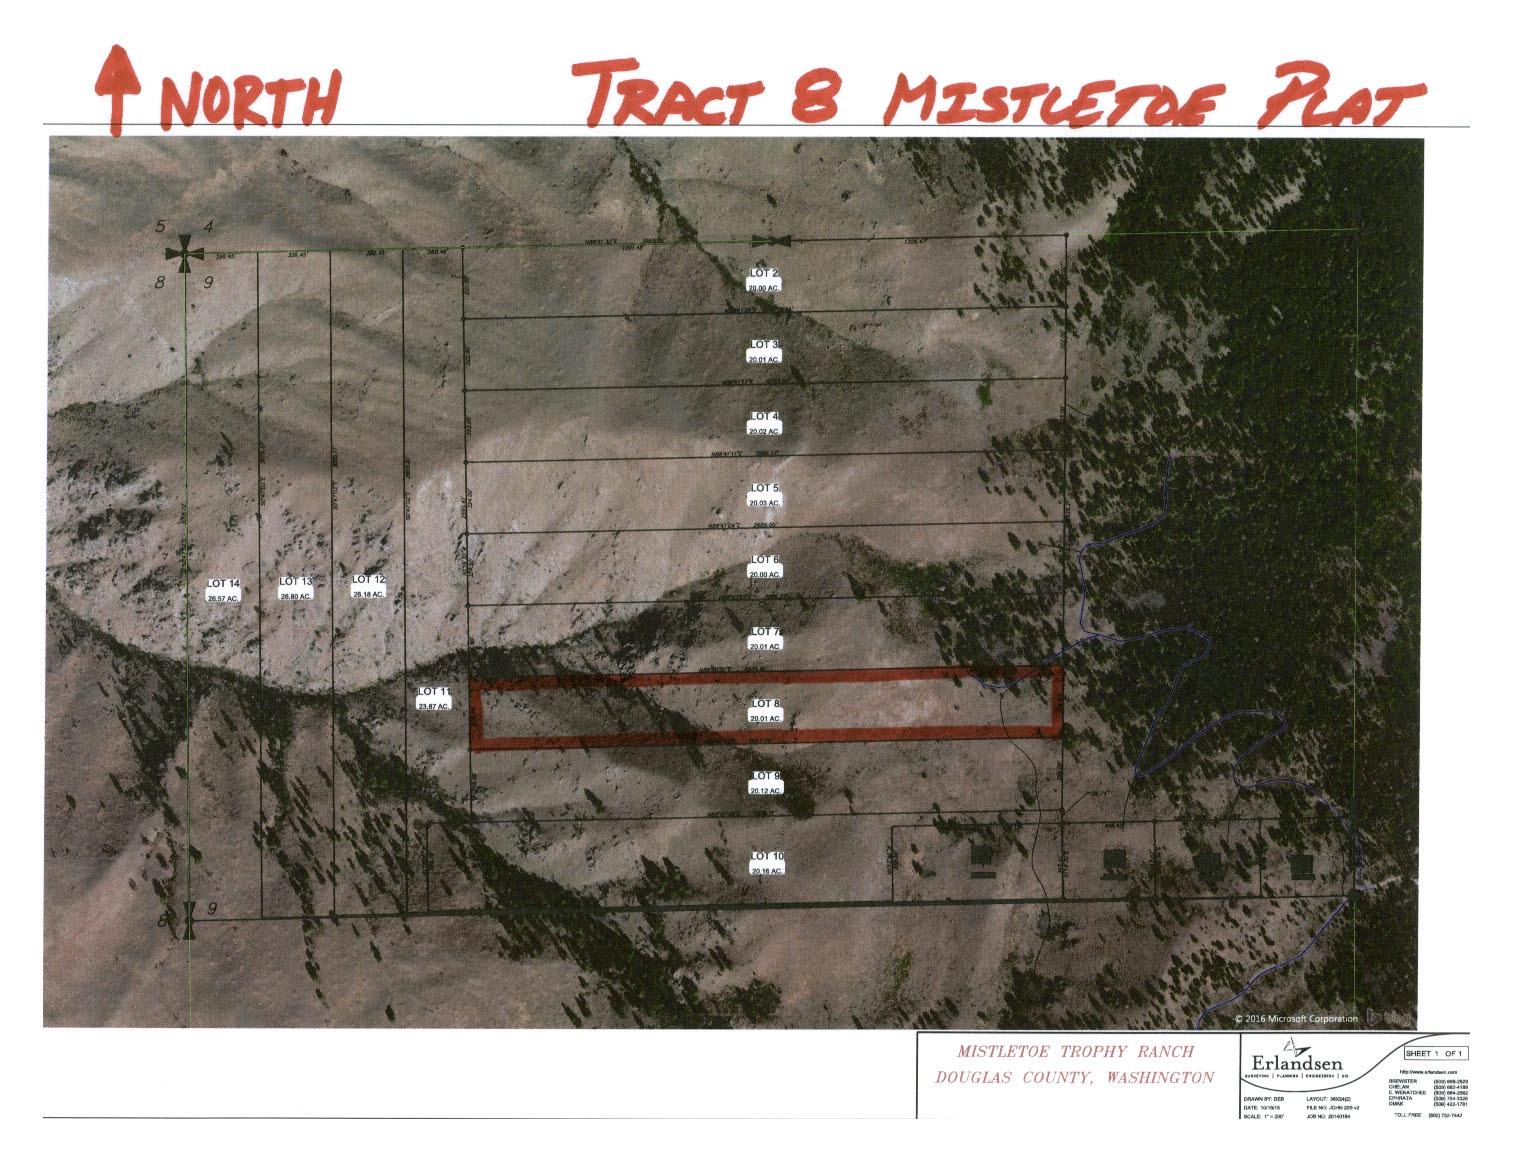 Parcel 8 Aerial Map Plat